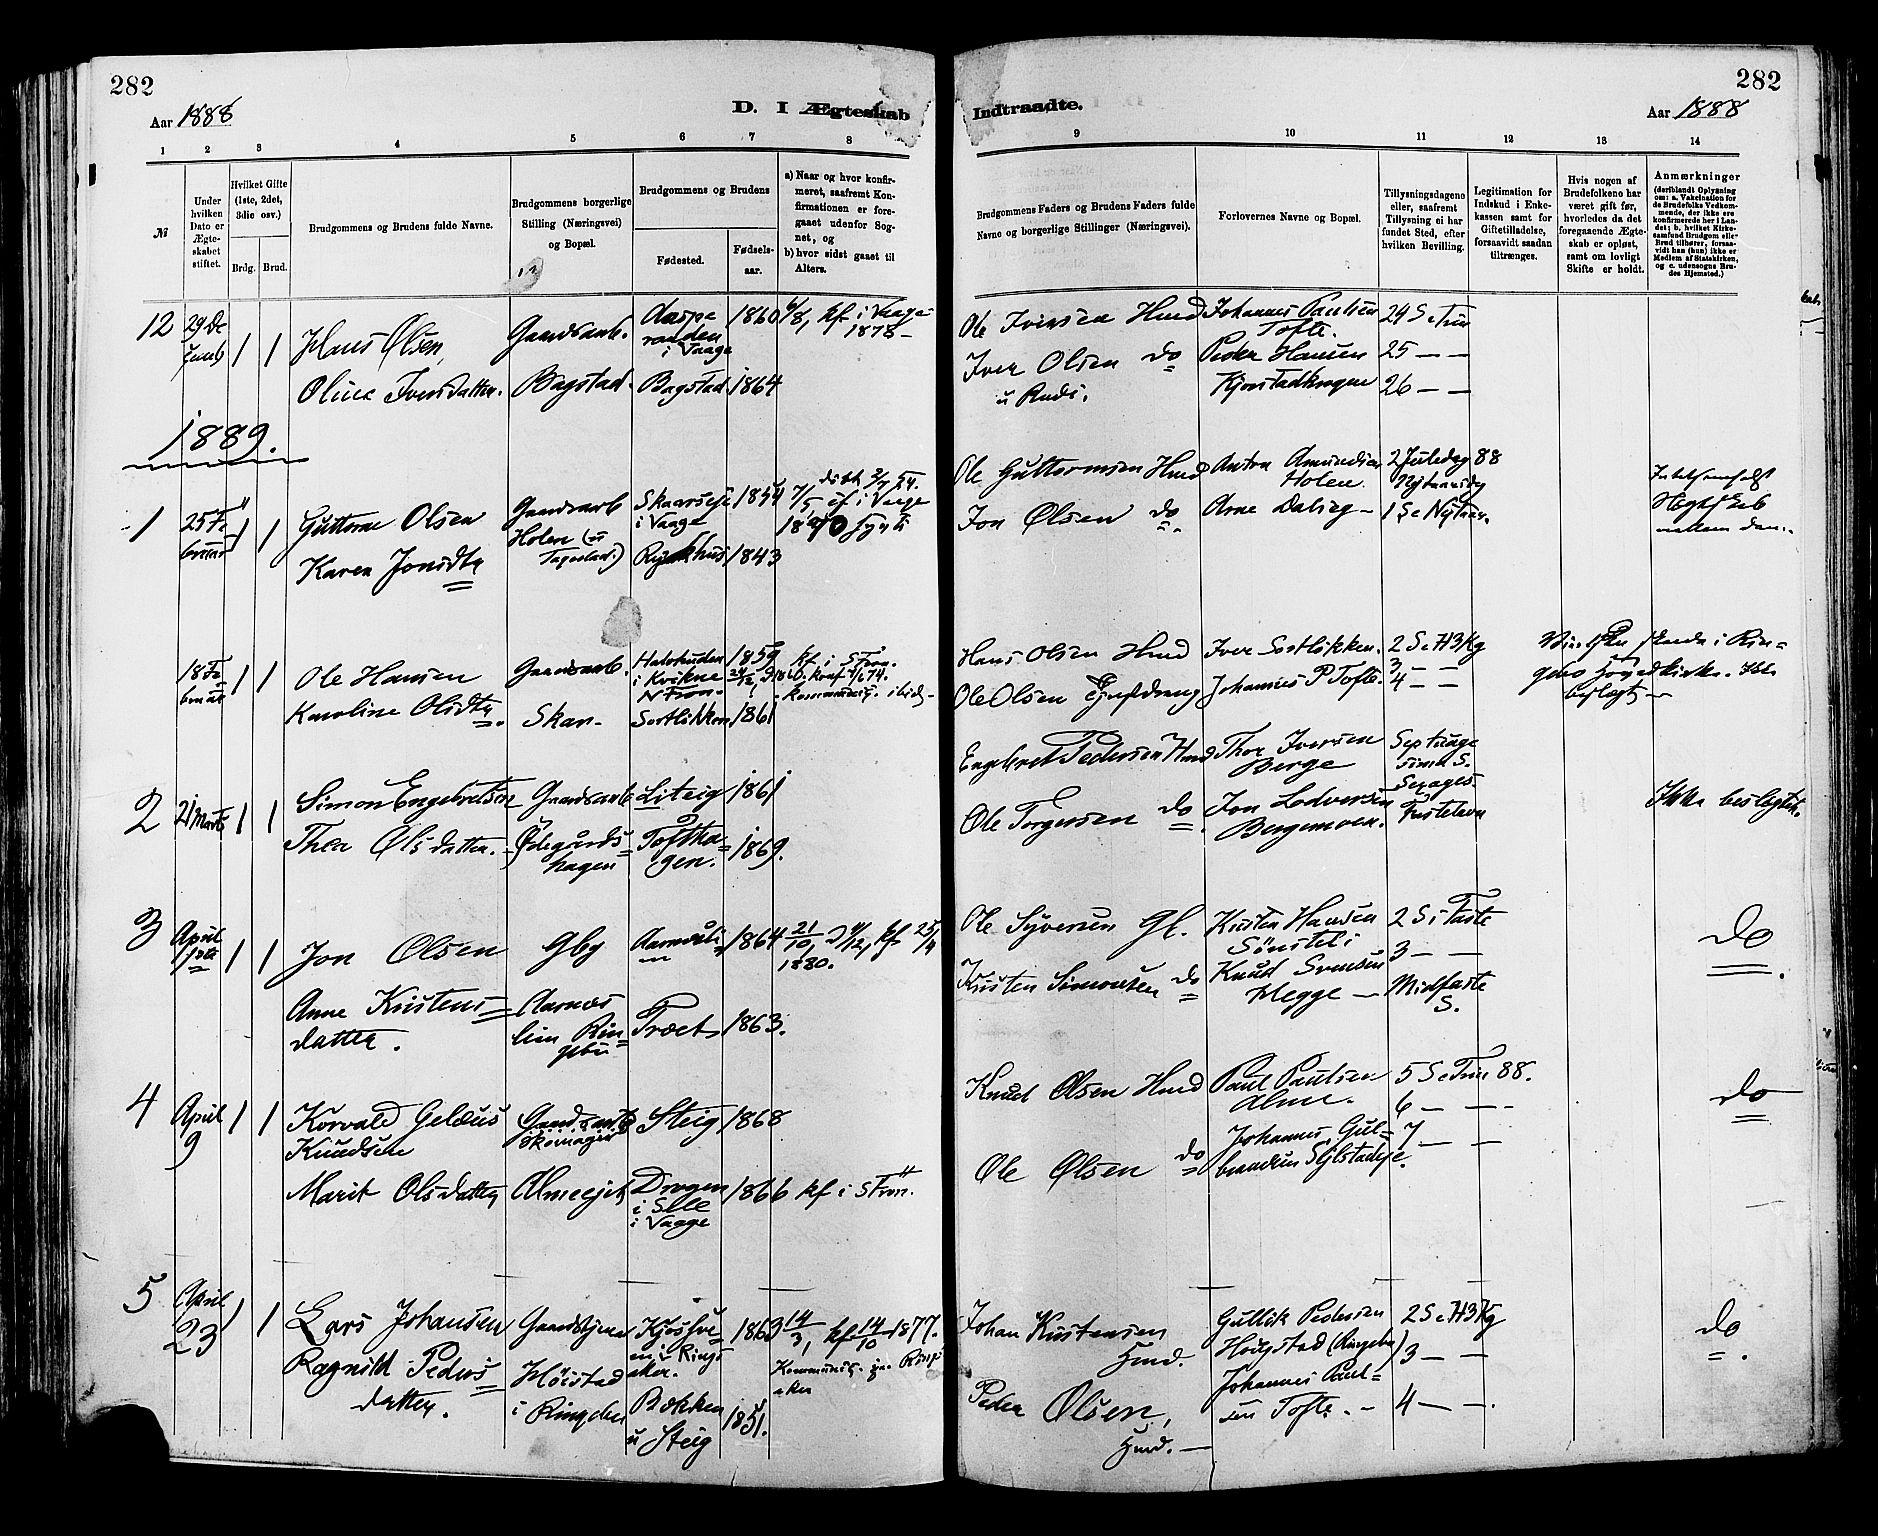 SAH, Sør-Fron prestekontor, H/Ha/Haa/L0003: Ministerialbok nr. 3, 1881-1897, s. 282